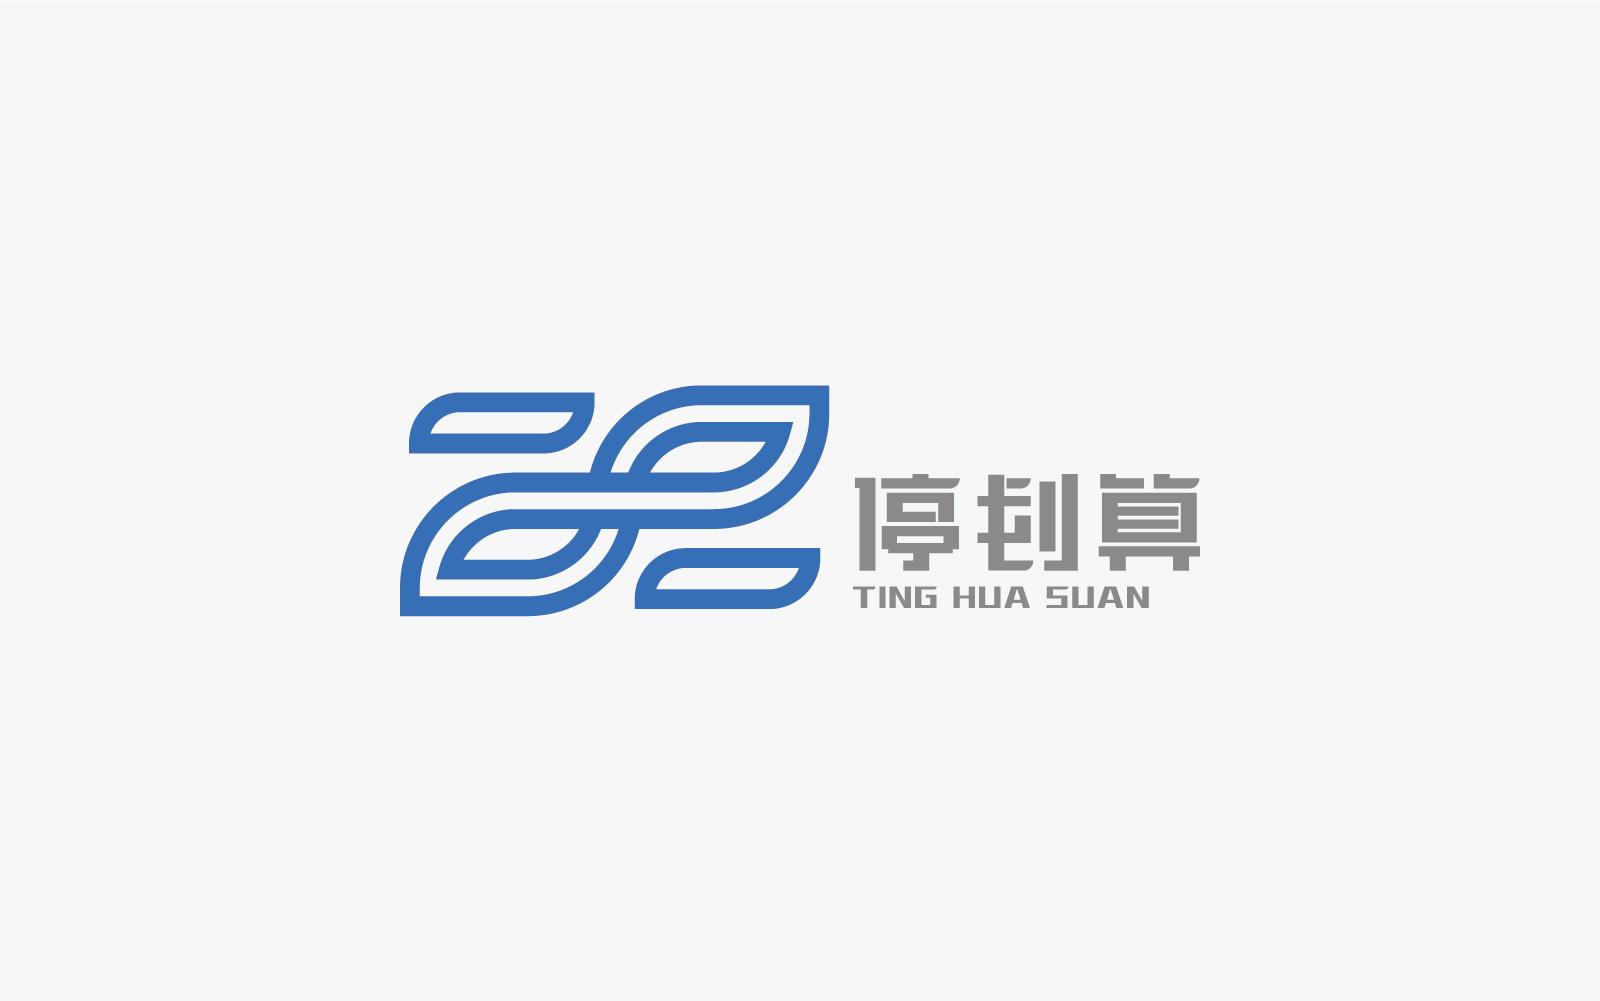 如何提升杭州企业vi设计中的整体品牌形象